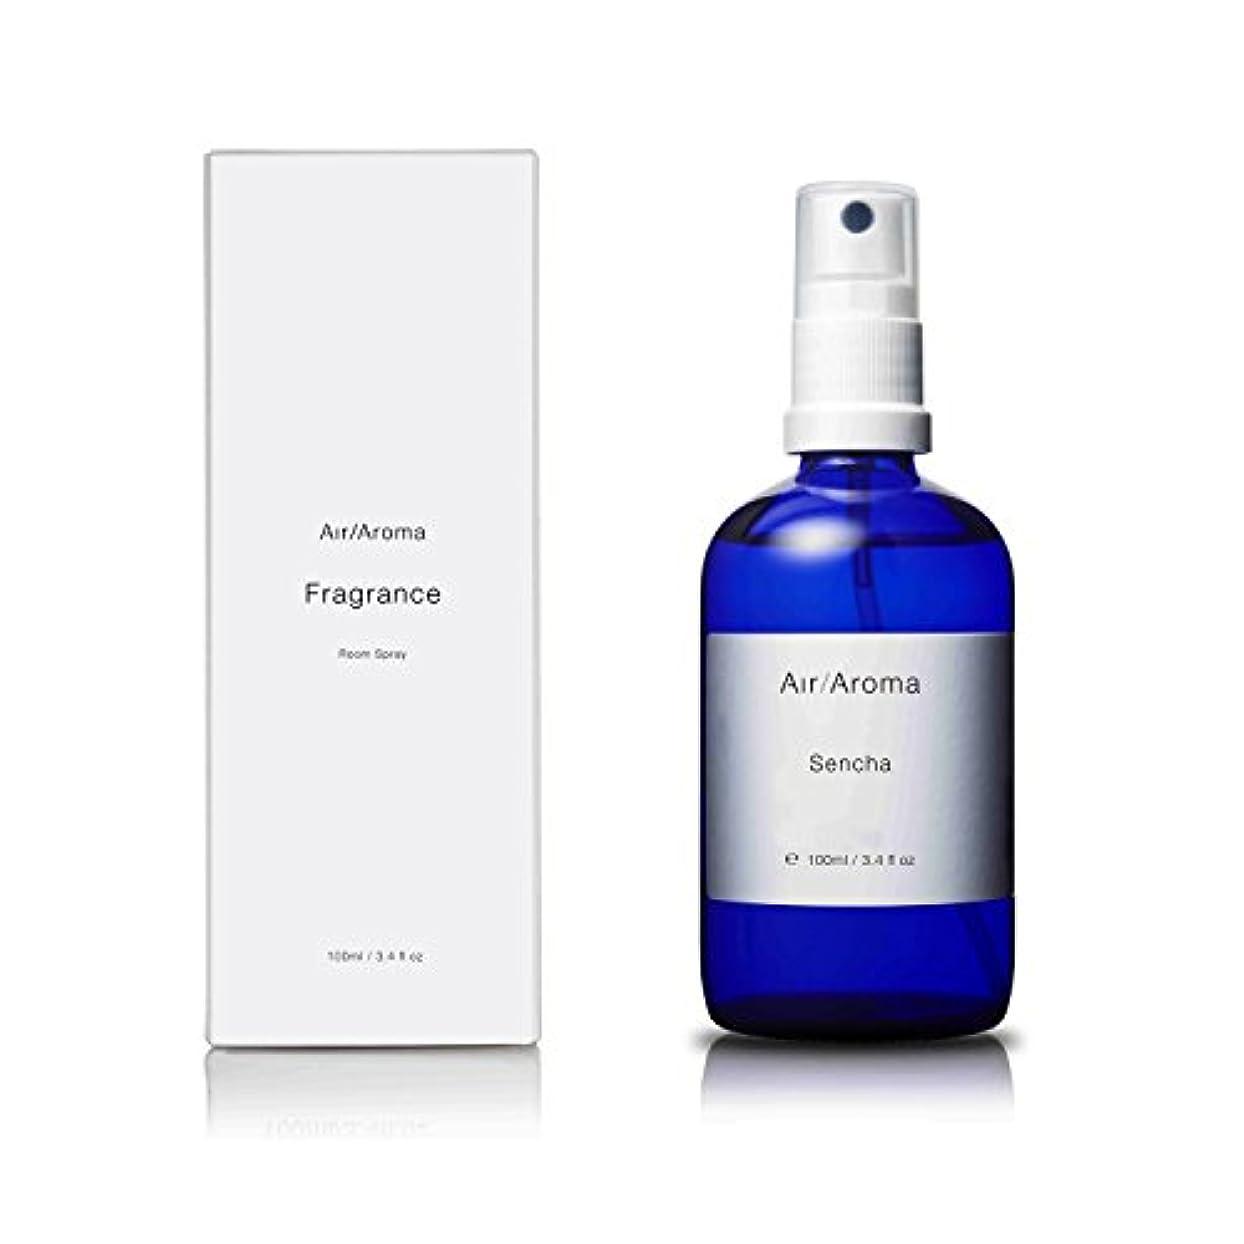 被害者うなり声雑多なエアアロマ sencha room fragrance(センチャ ルームフレグランス)100ml